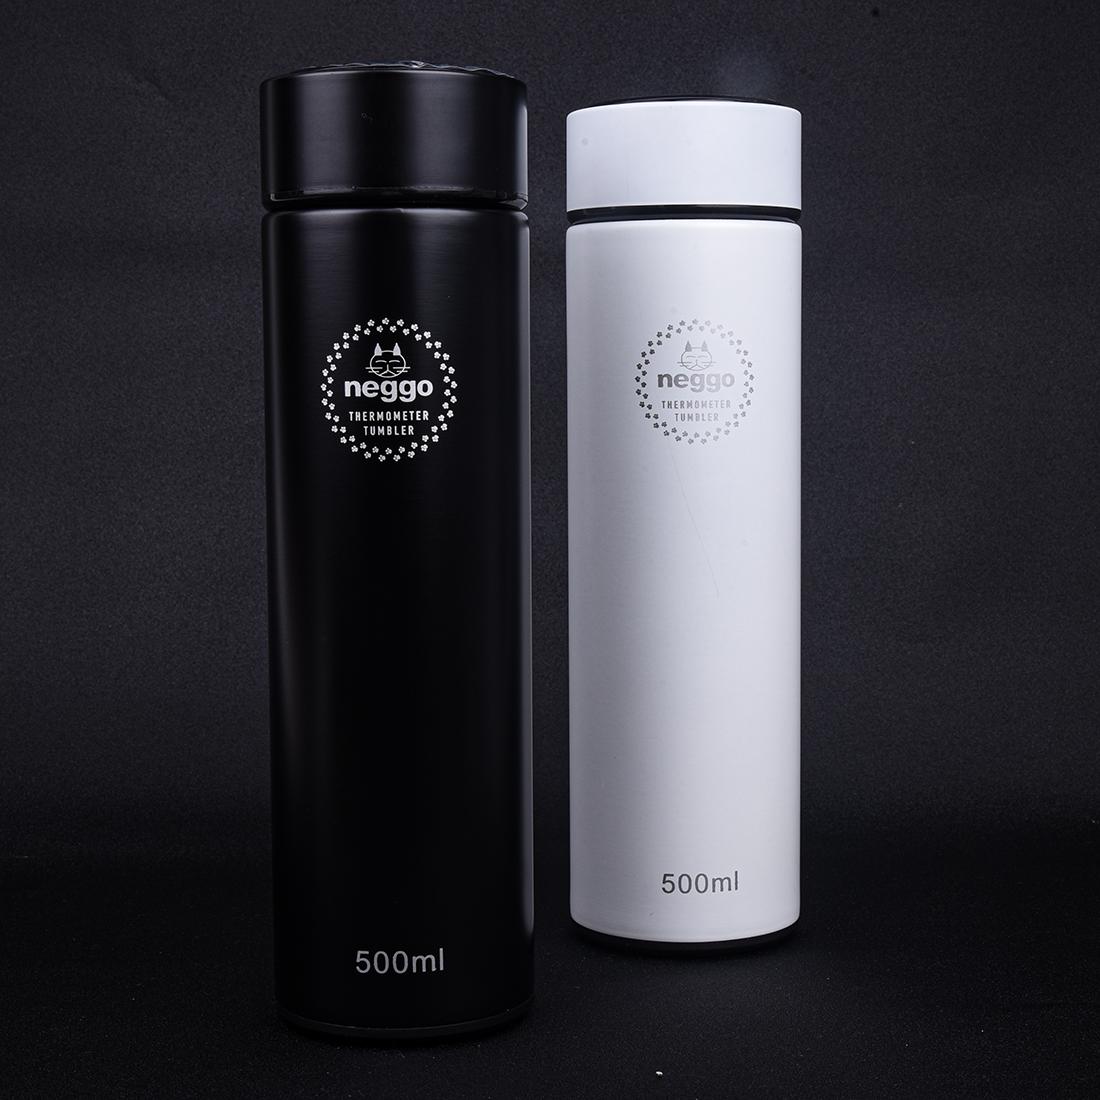 neggo 스마트 온도표시 터치 텀블러 500ml (보온병)